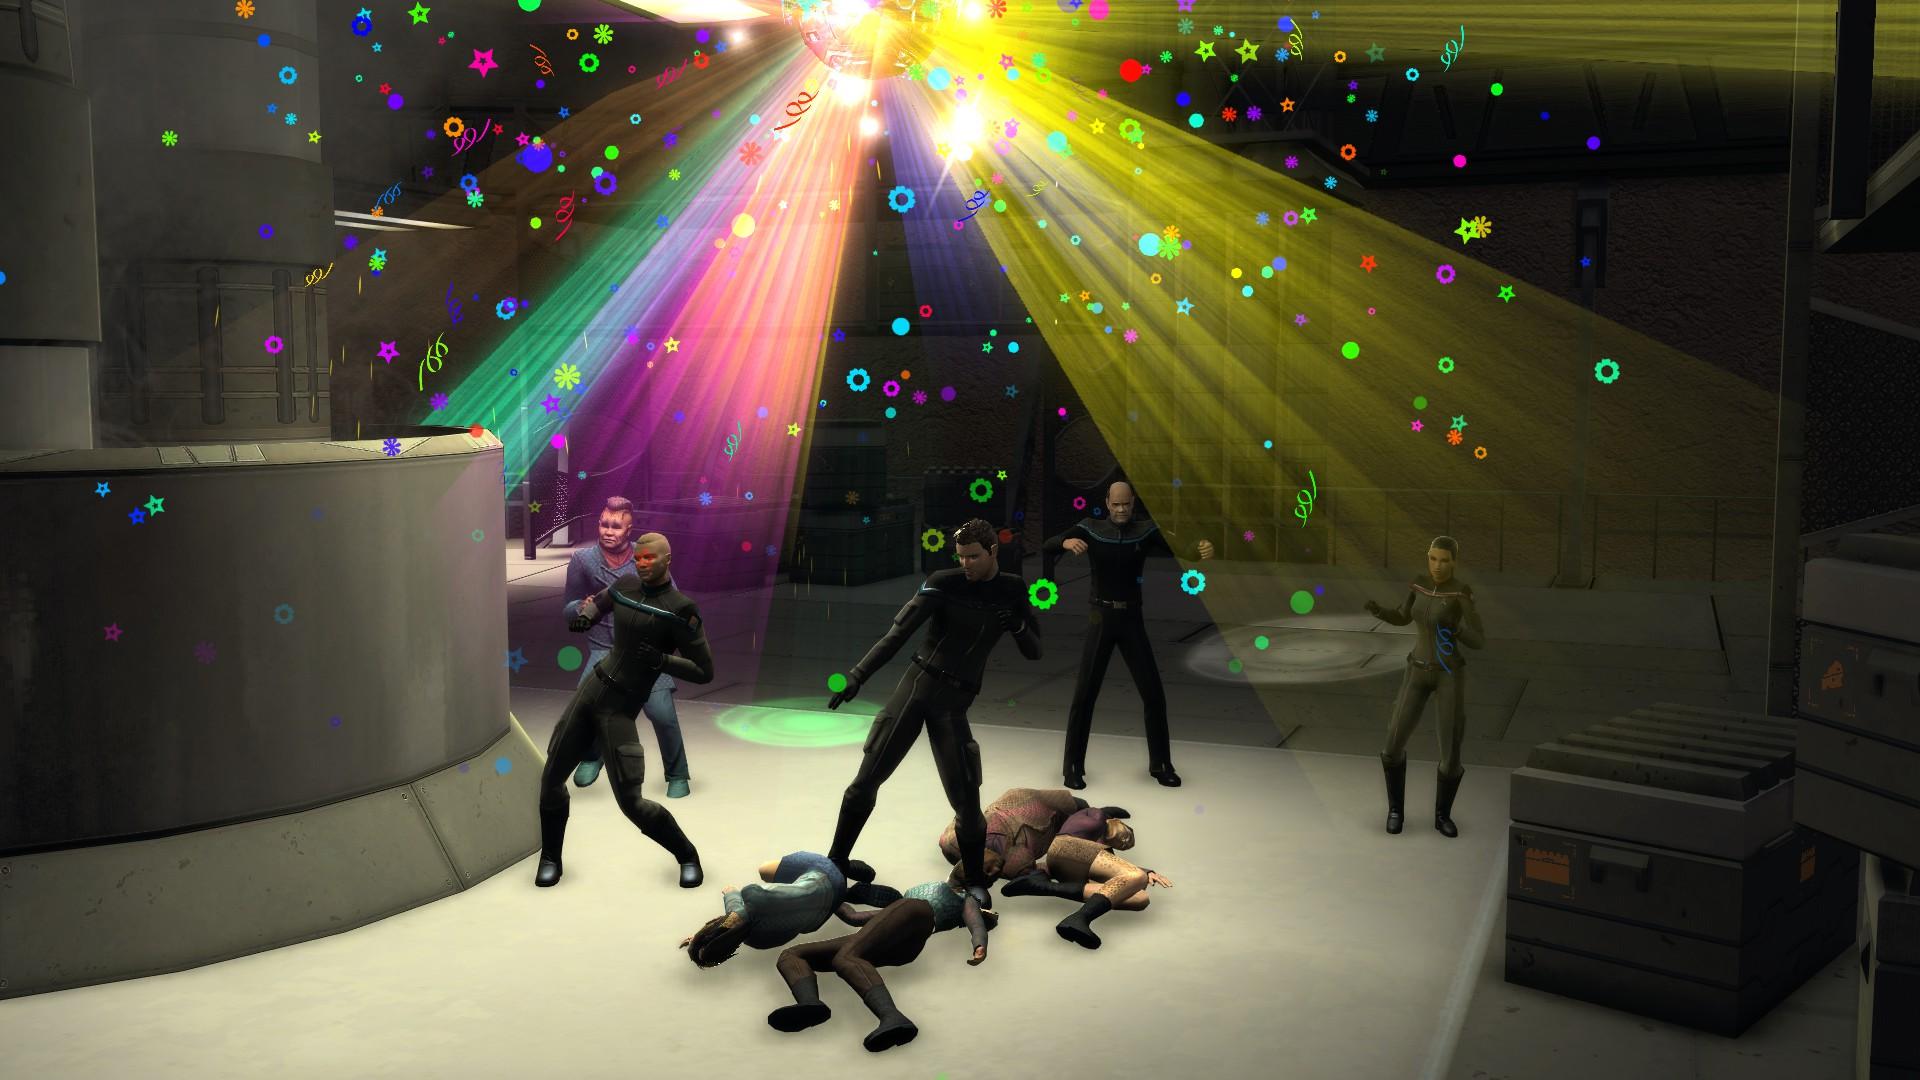 Star Trek Online: Endloser Spaß sorgt erst für Gelächter, dann für Probleme